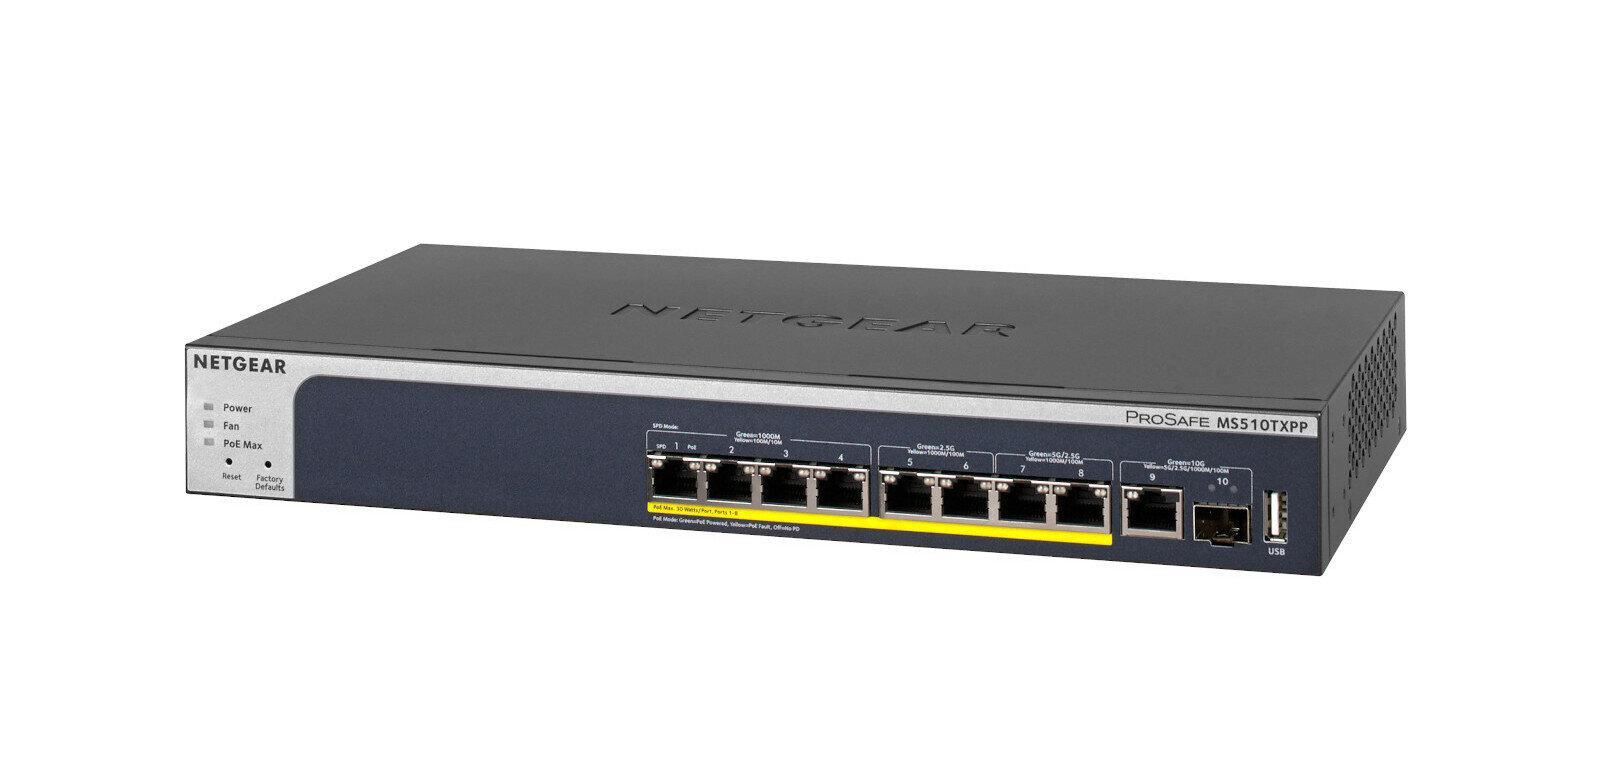 Comment pouvez-vous brancher un commutateur Ethernet les problèmes avec la datation des mères célibataires